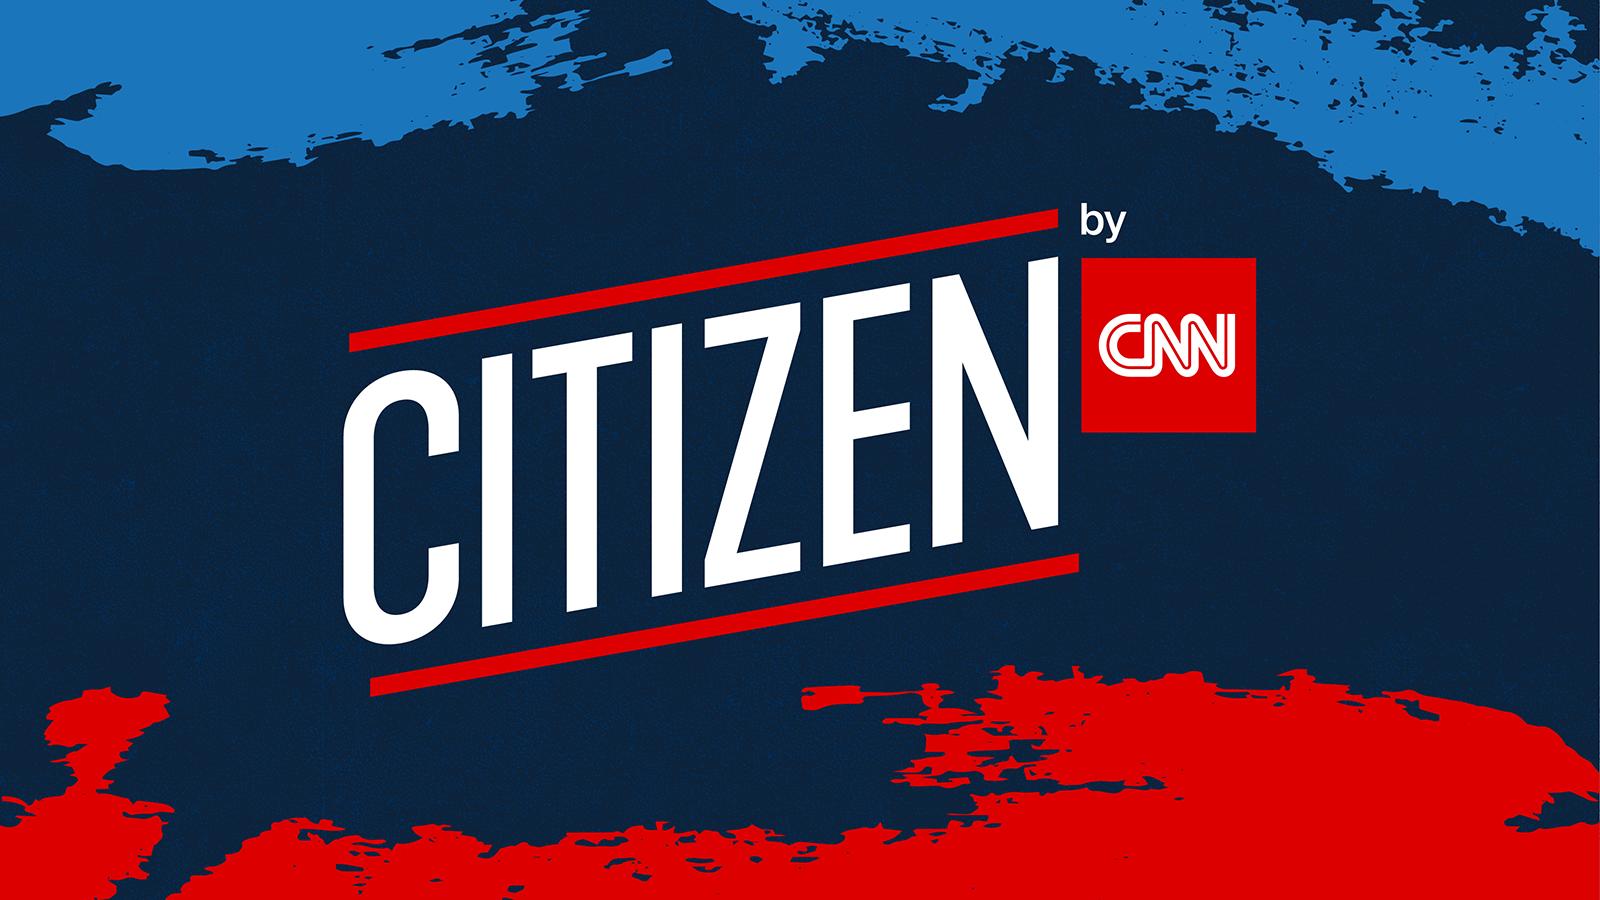 Citizen by CNN